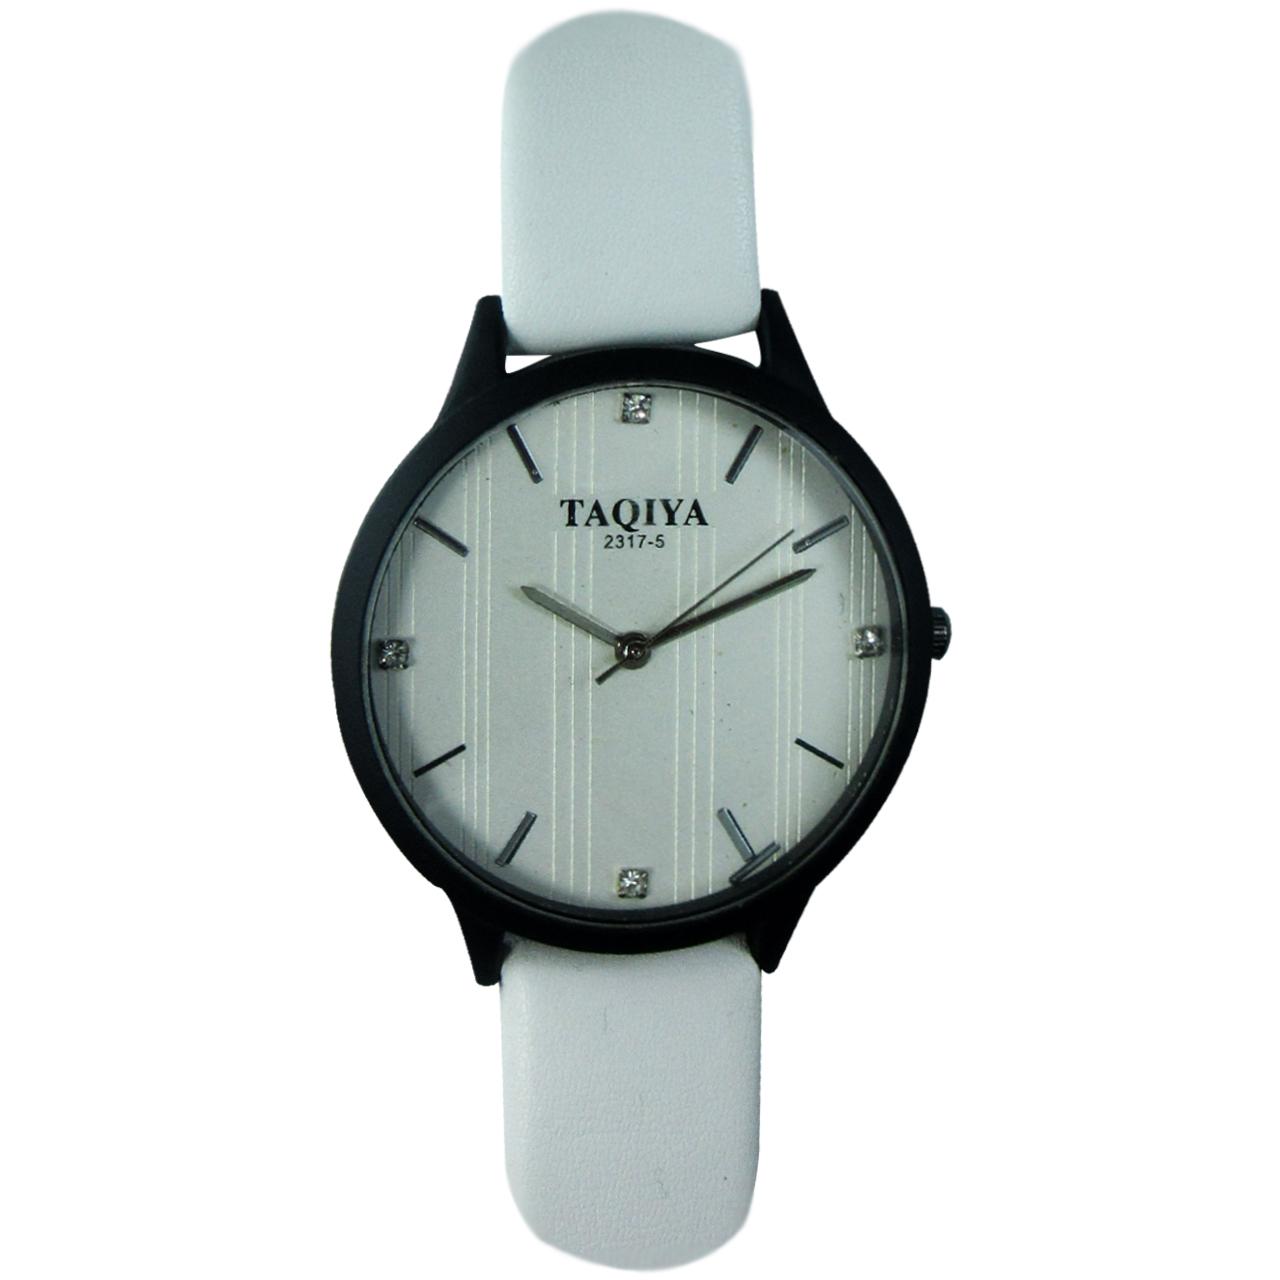 ساعت مچی عقربه ای تاکیا مدل BWP رنگ سفید